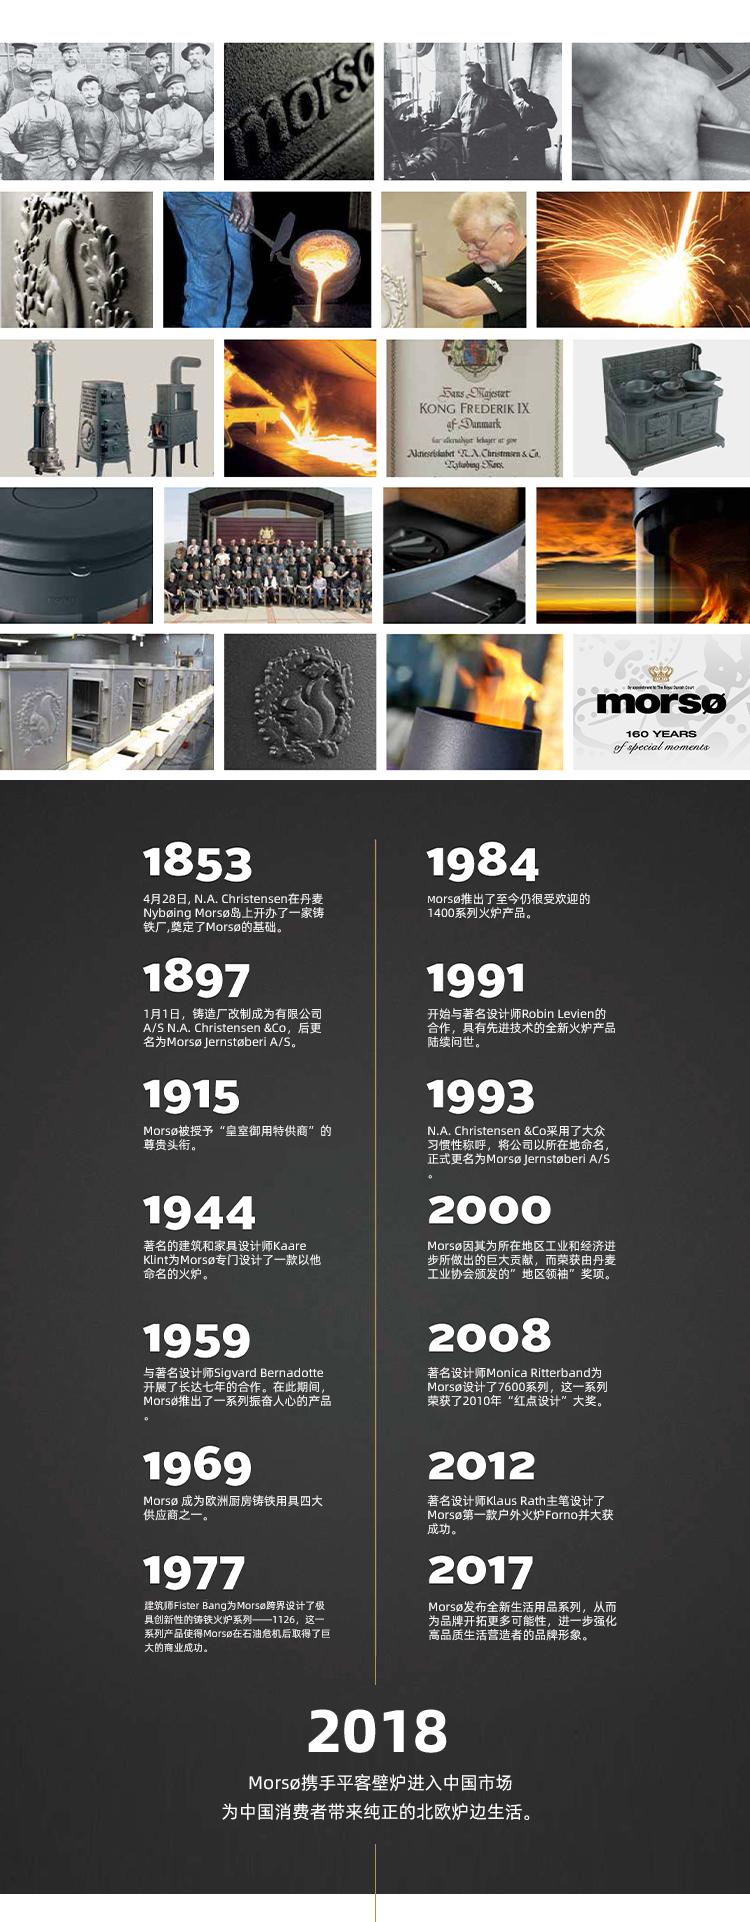 丹麦嵌入式钢板壁炉Morsø  S101.jpg